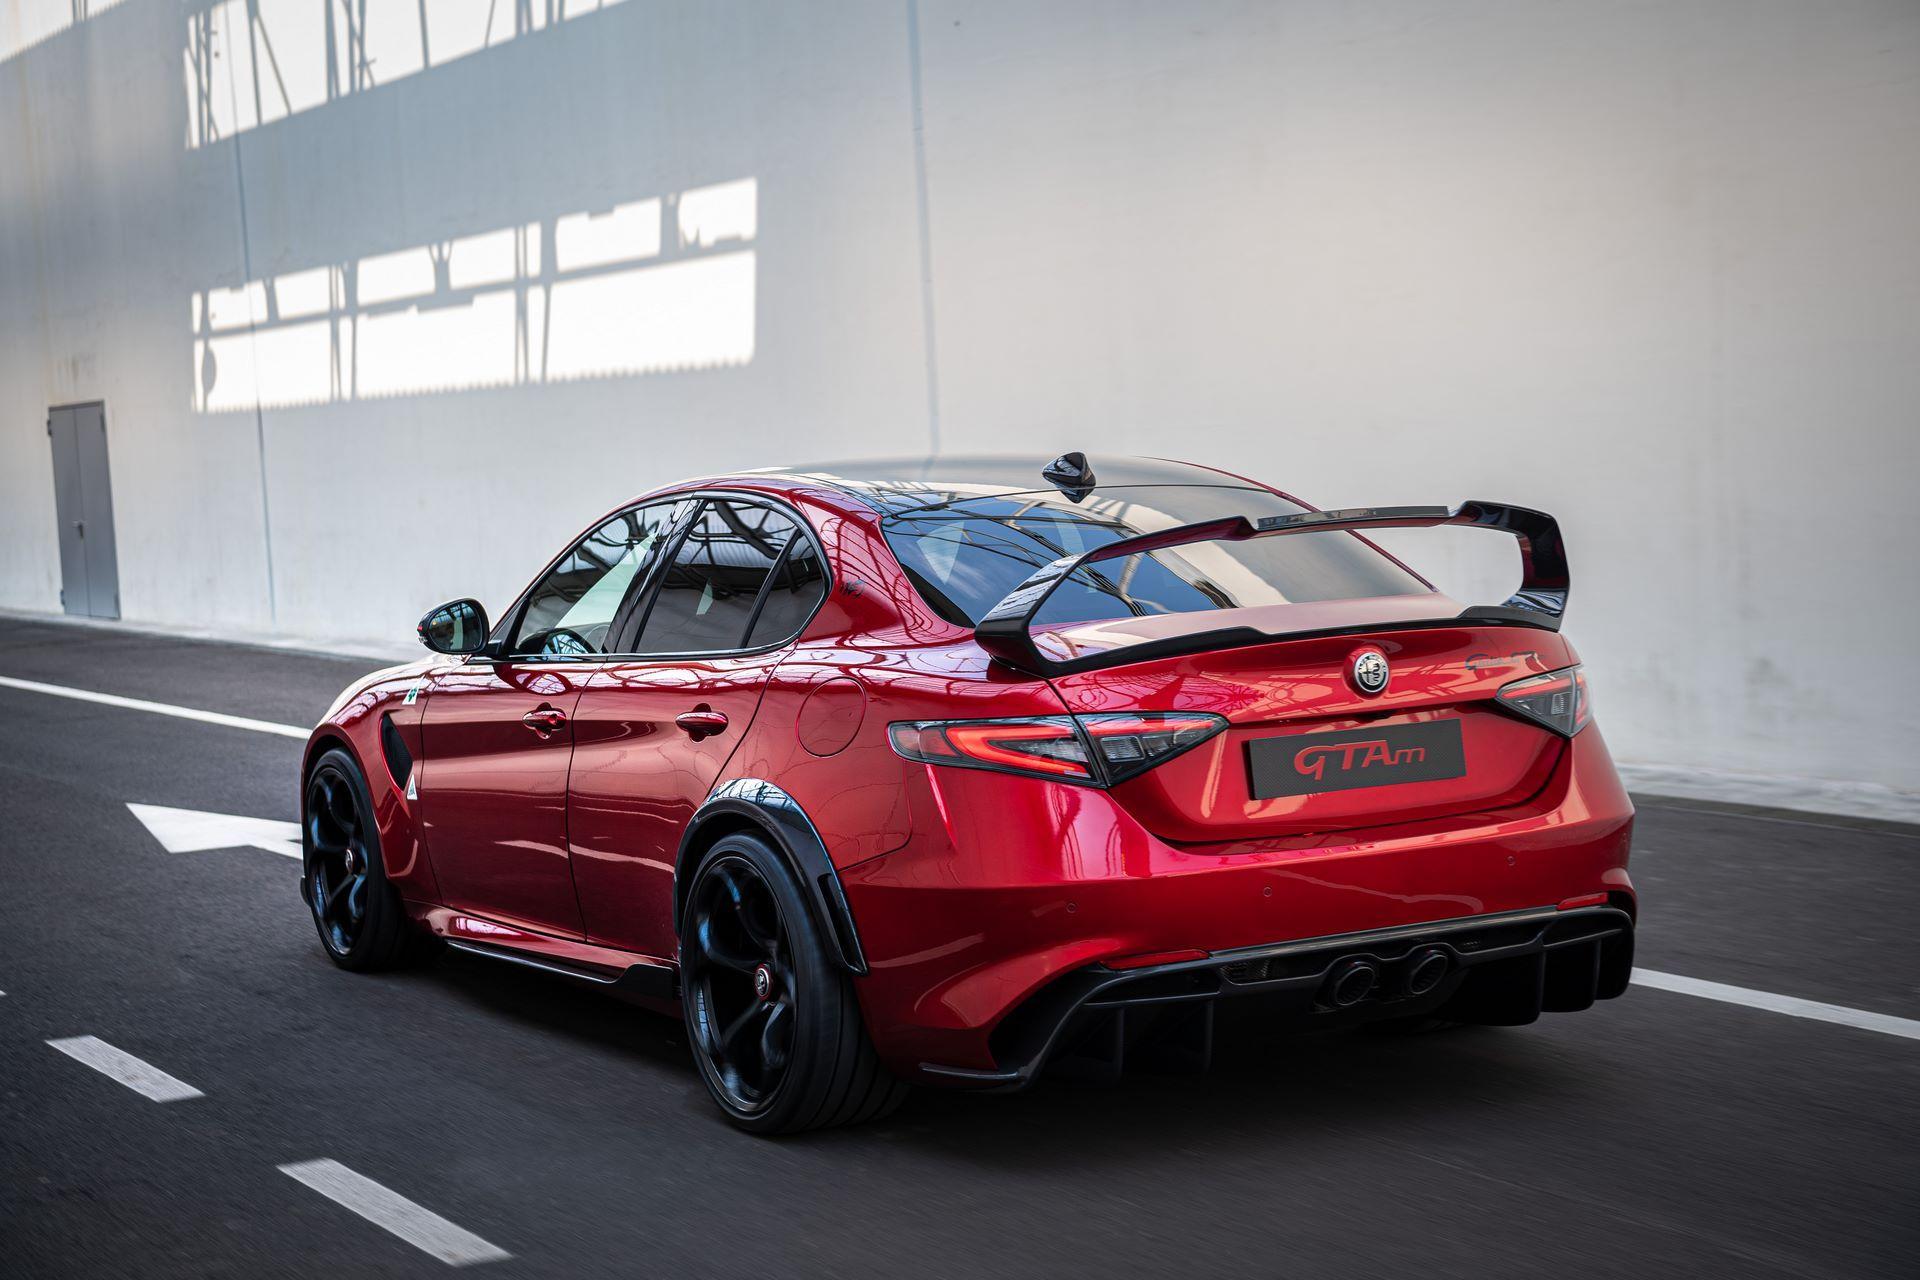 Alfa-Romeo-Giulia-GTA-and-GTAm-10